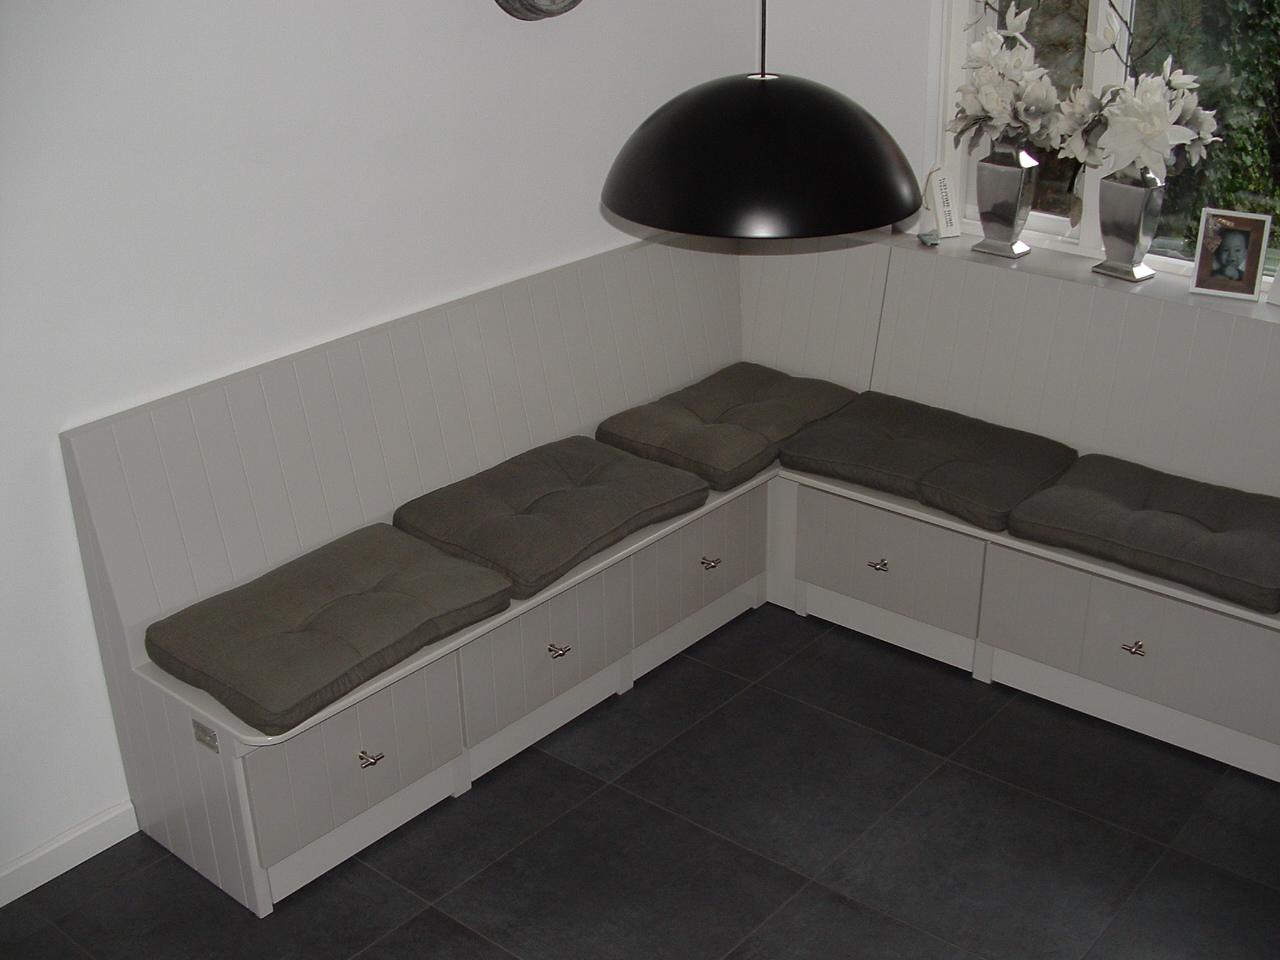 Hoekbank Keuken Op Maat : Maatwerk meubelsR.S. Jonkman